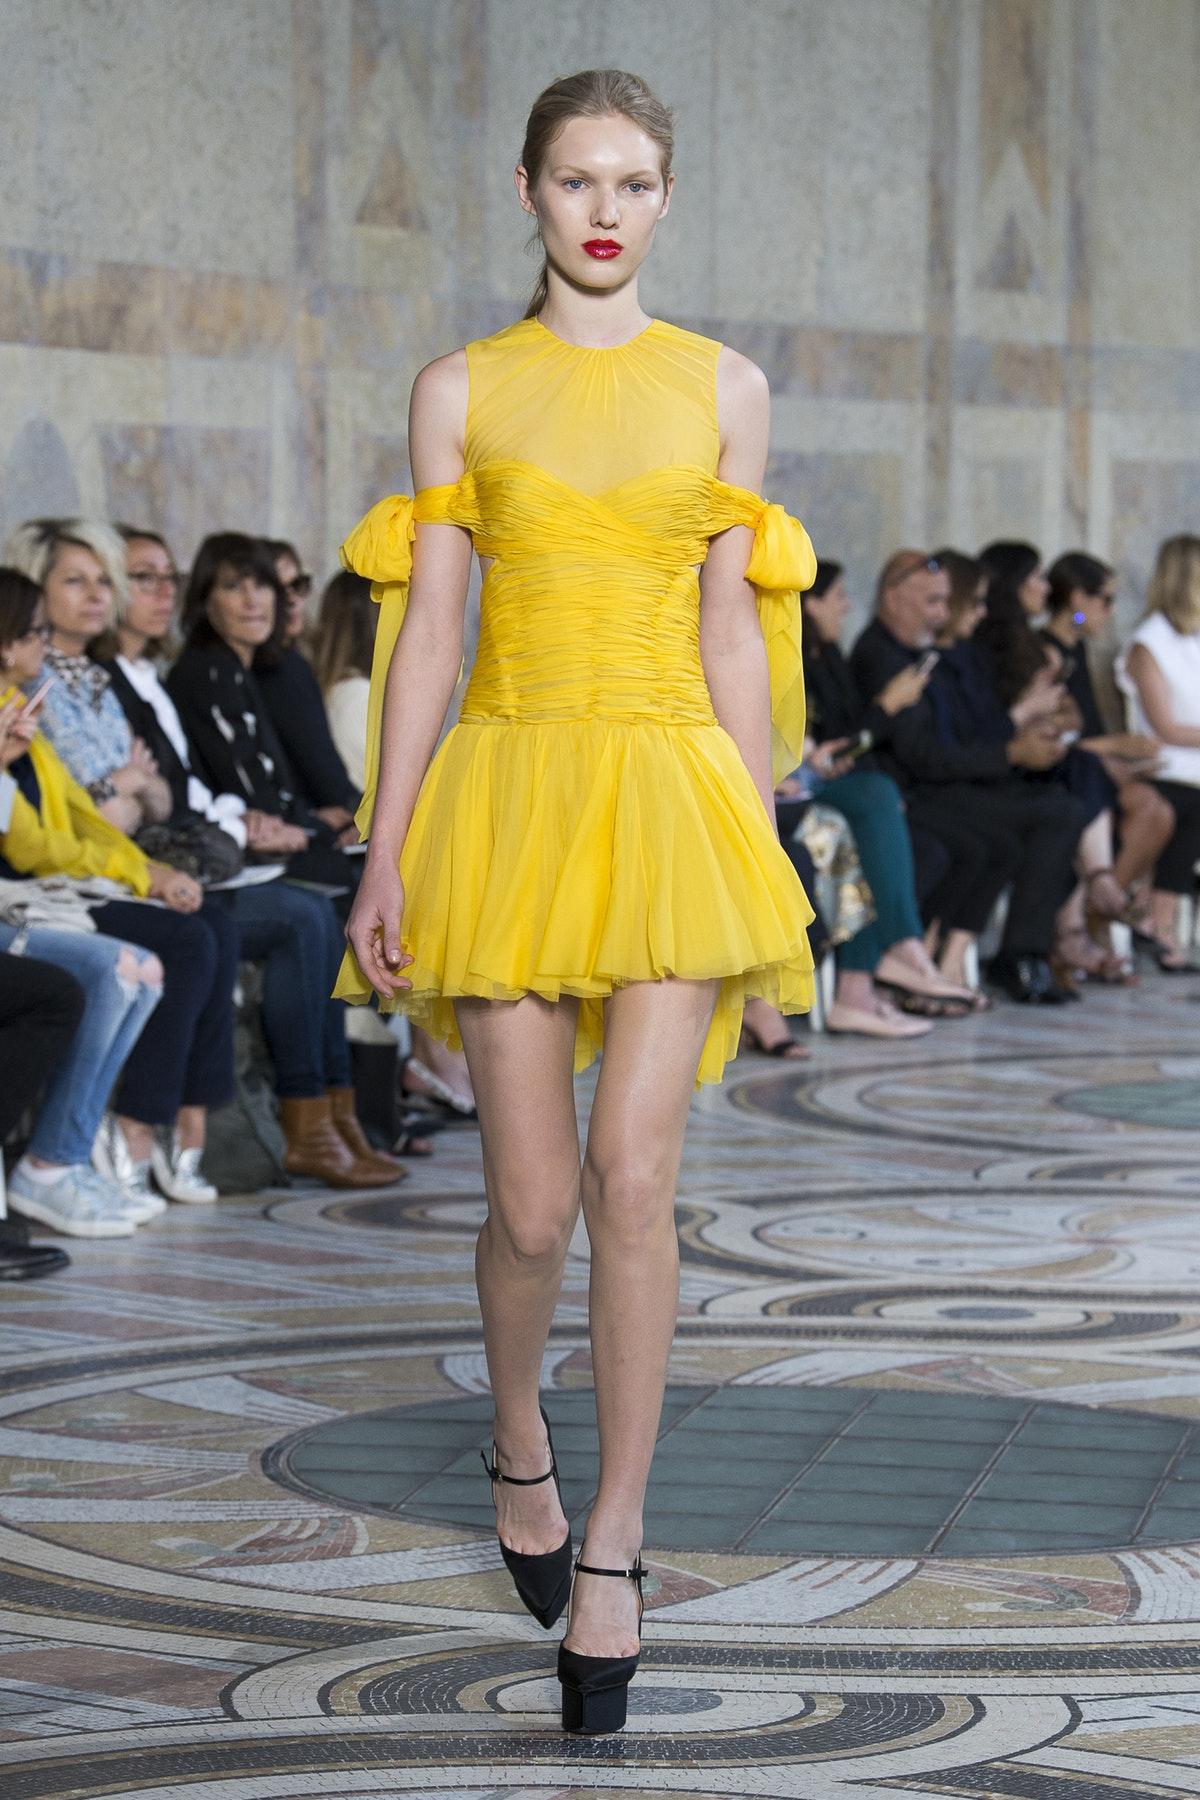 Giambattista Valli Autumn 2017 Haute Couture, image via The Business Of Fashion